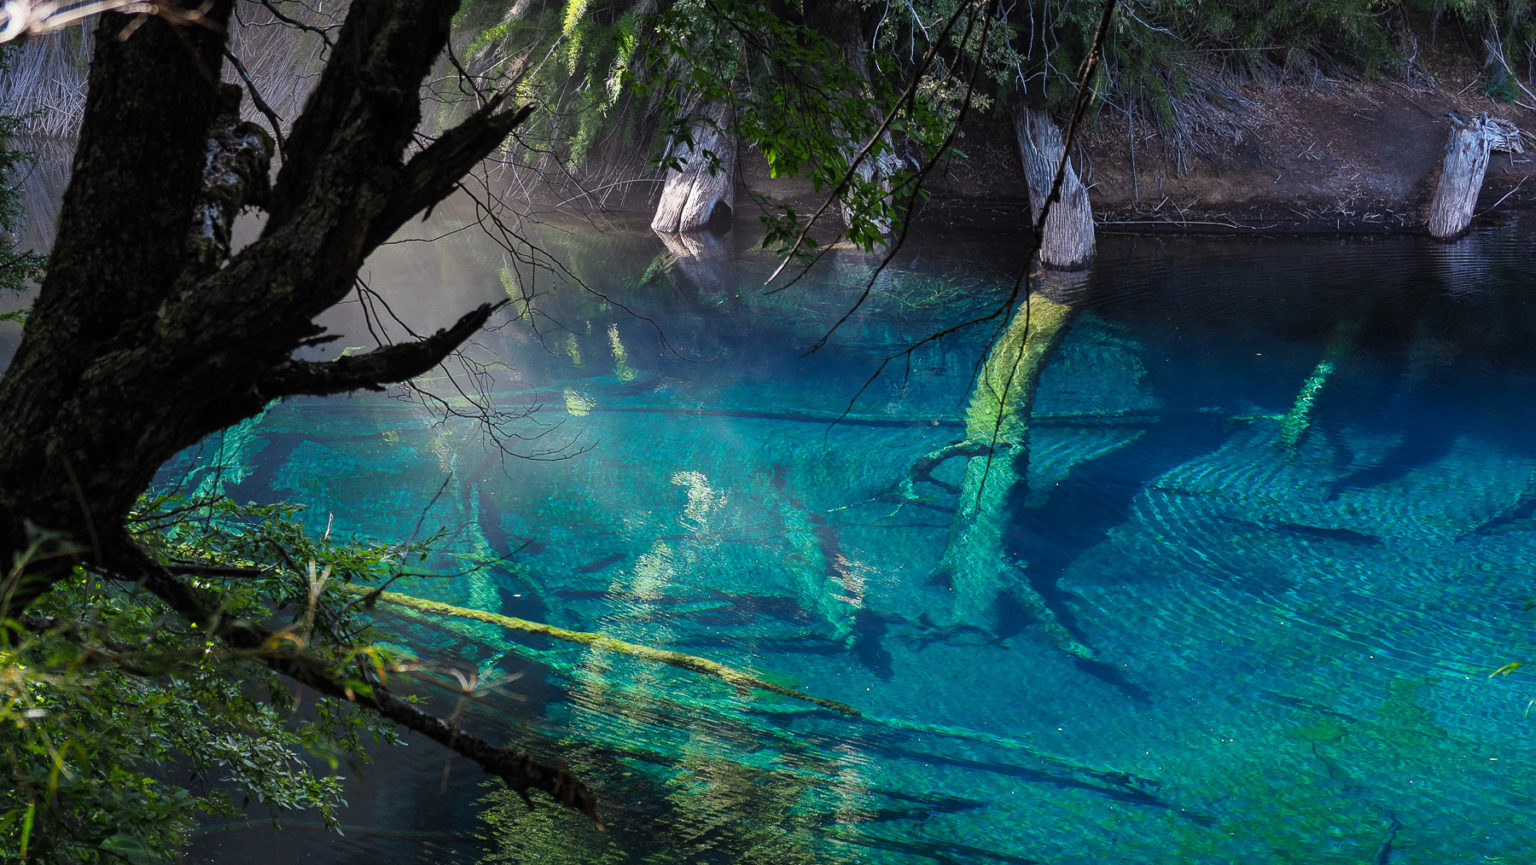 Eine unglaubliche Wasserfarbe